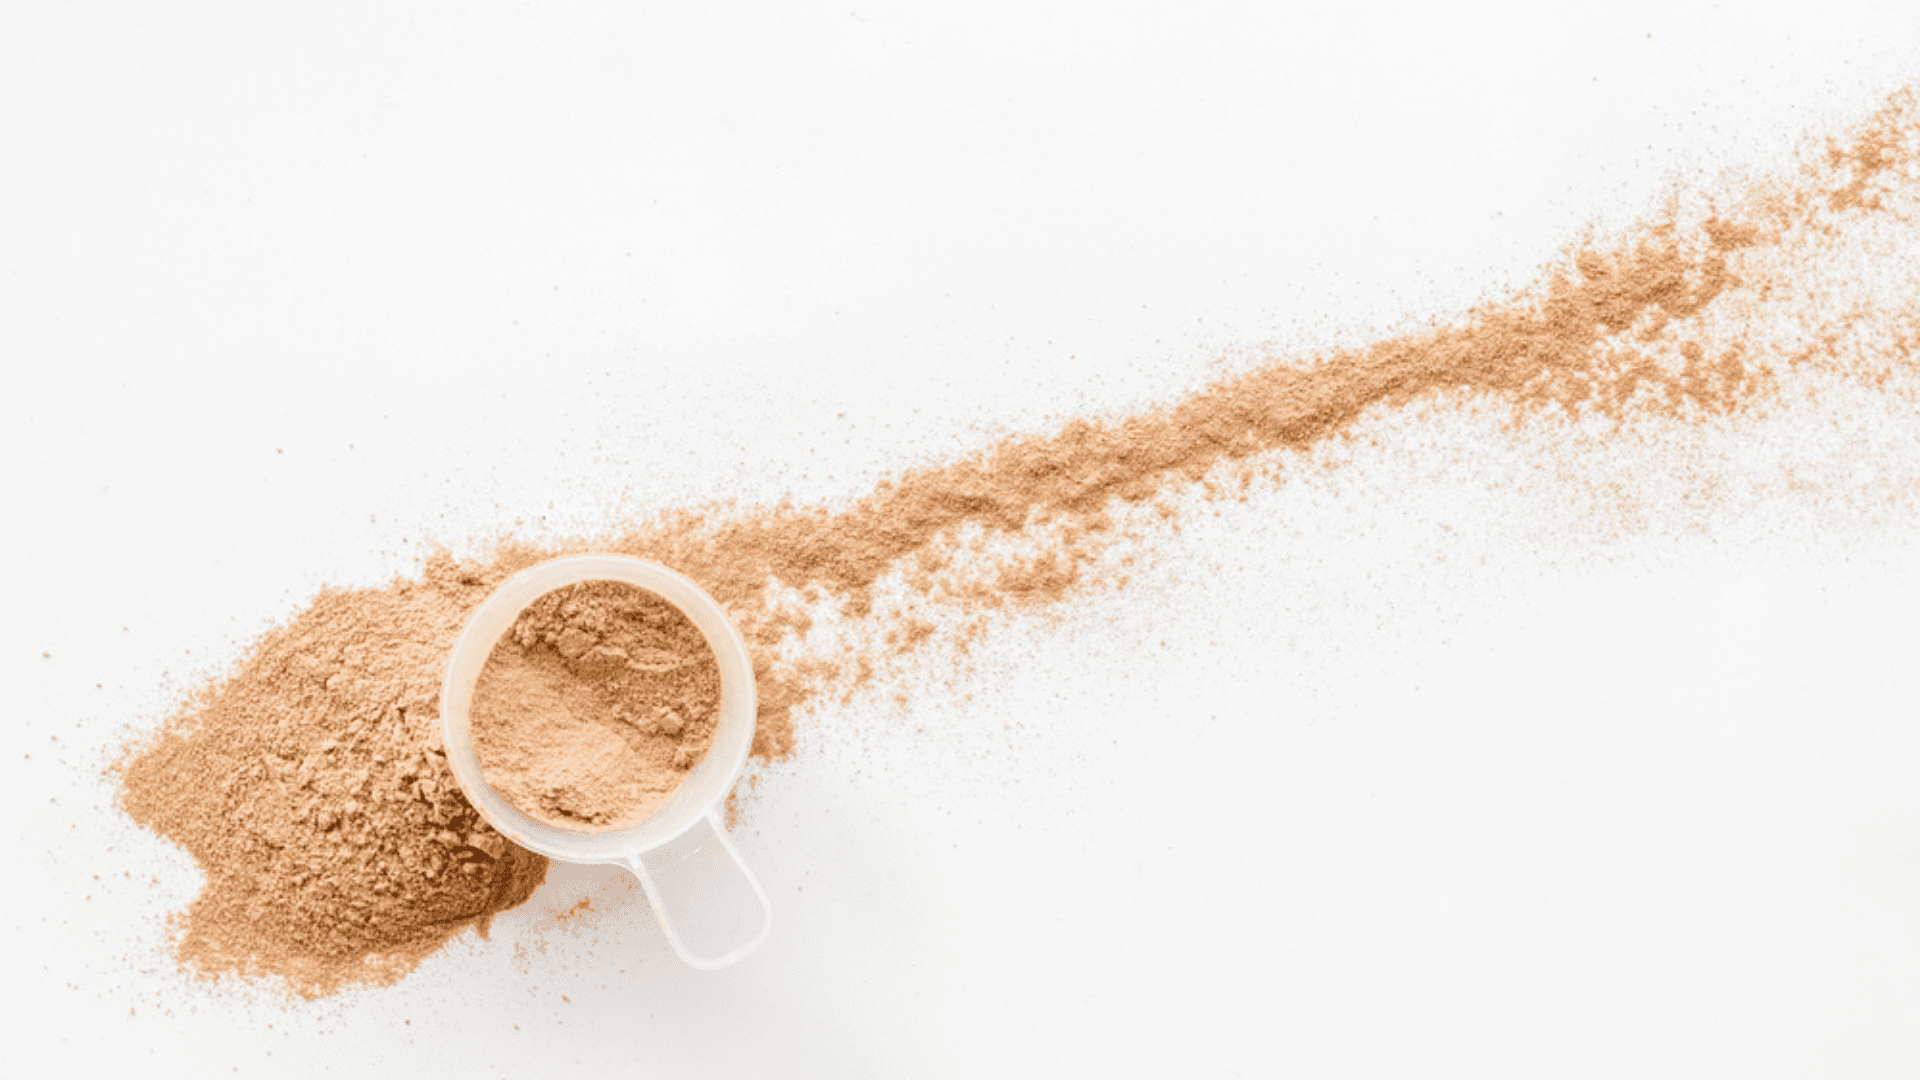 O hipercalórico é um suplemento para engordar (Imagem: Reprodução/Shutterstock)